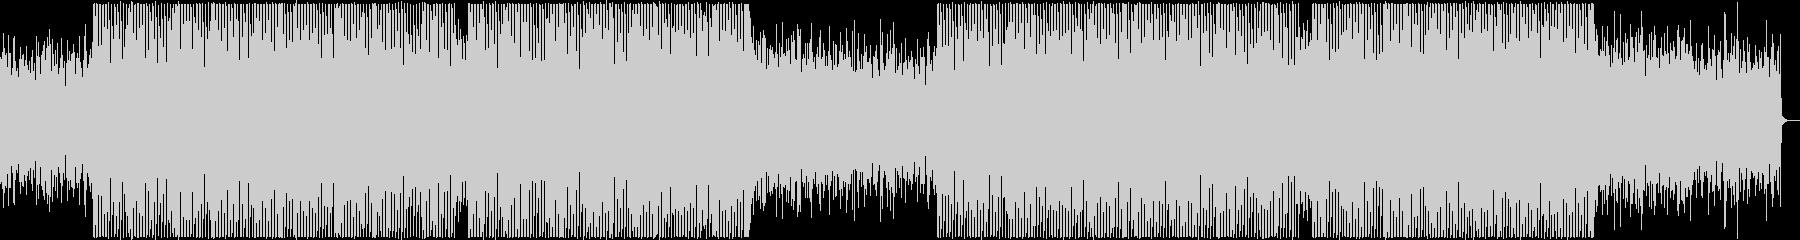 ヴァイオリン&ギターの黄昏ハウスBGMの未再生の波形